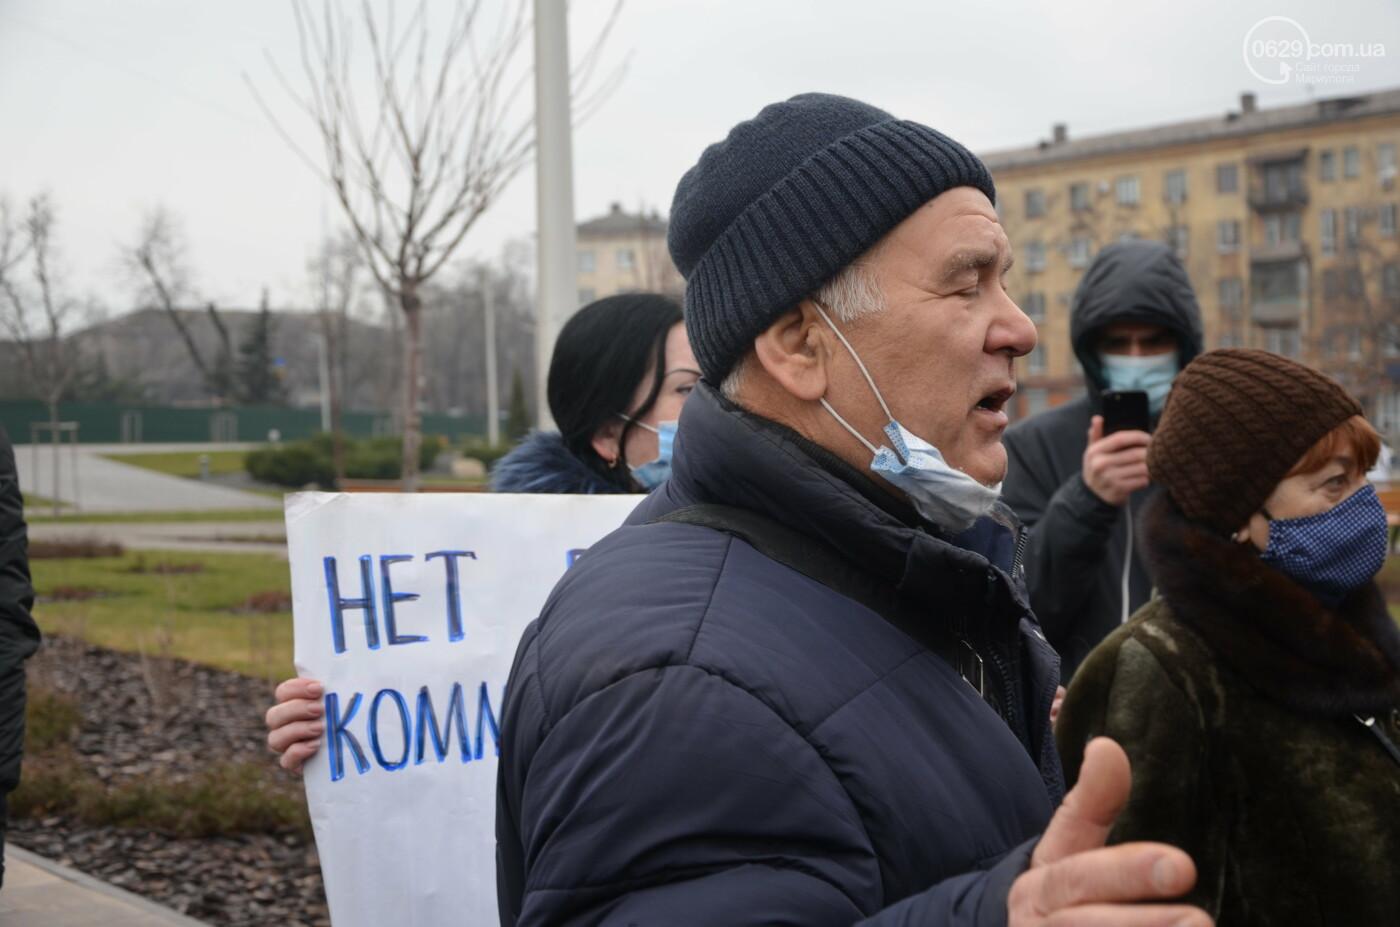 Протест с продолжением. В Мариуполе митинговали против коммунальных тарифов, - ФОТО, ВИДЕО, фото-3